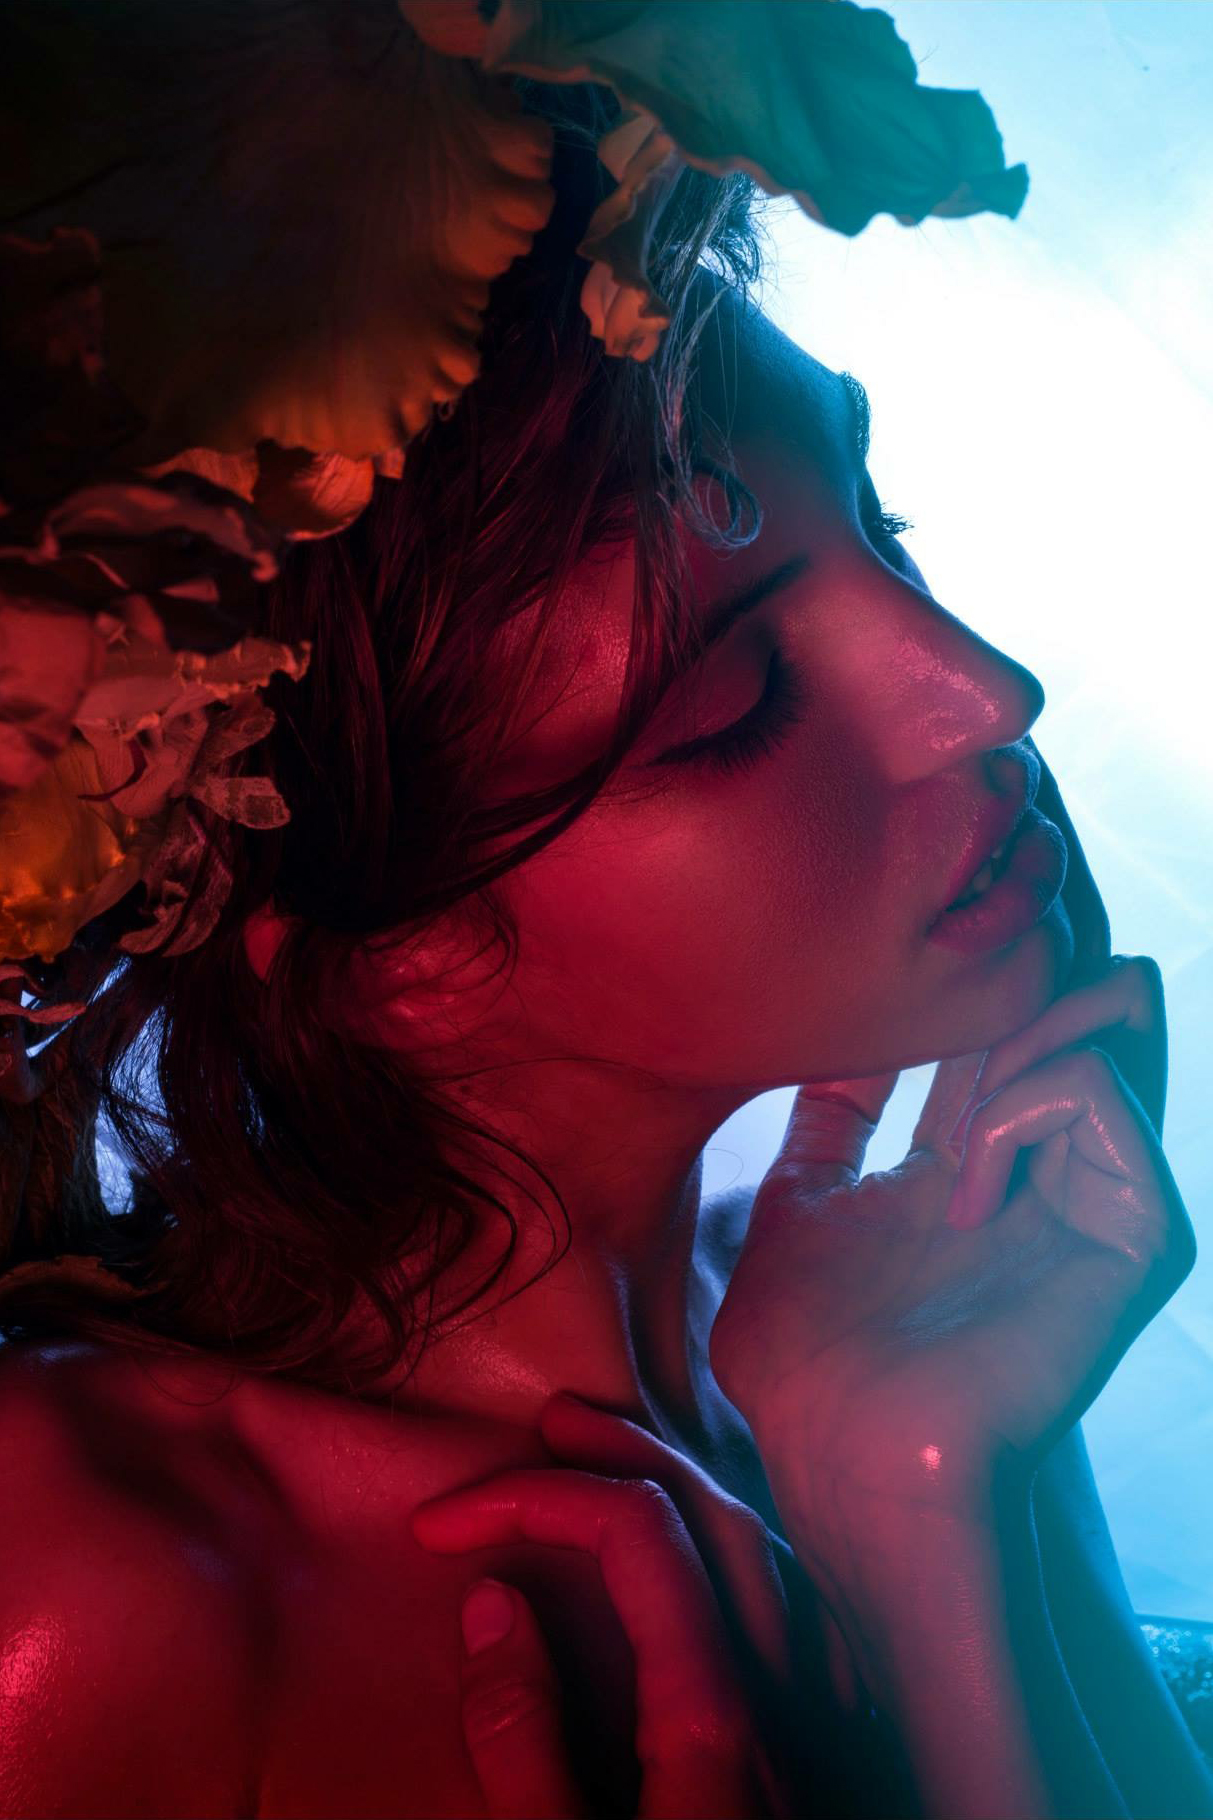 Creative-Models-Agenzia-di-Modelle-Brescia-Carlotta-05